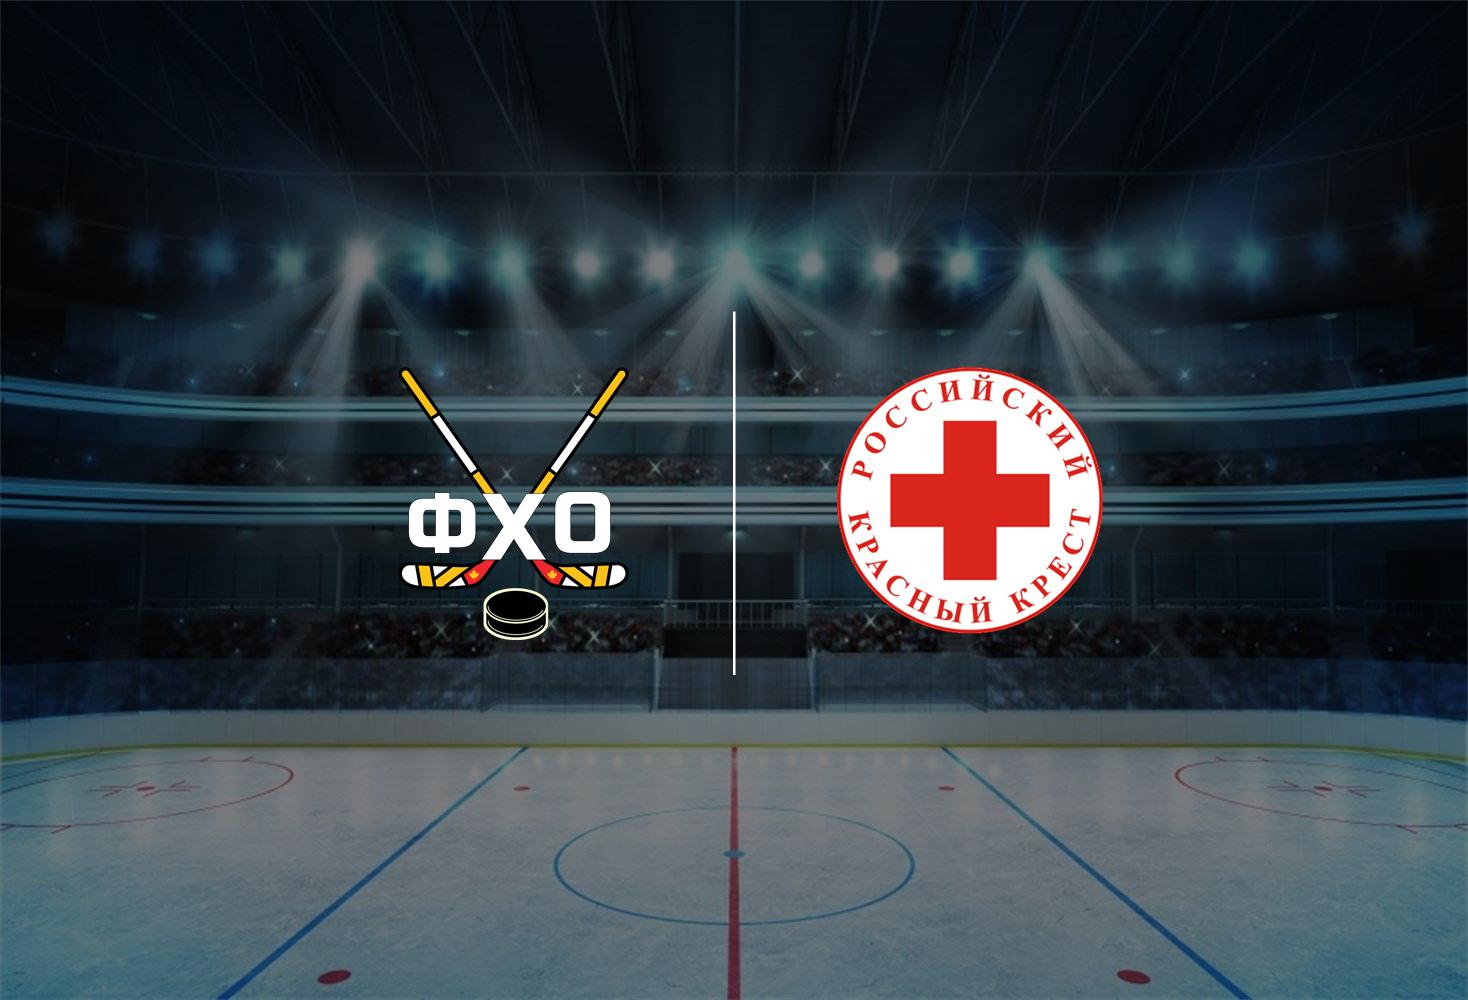 Омское региональное отделение Российского Красного Креста и ФХО договорились о сотрудничестве